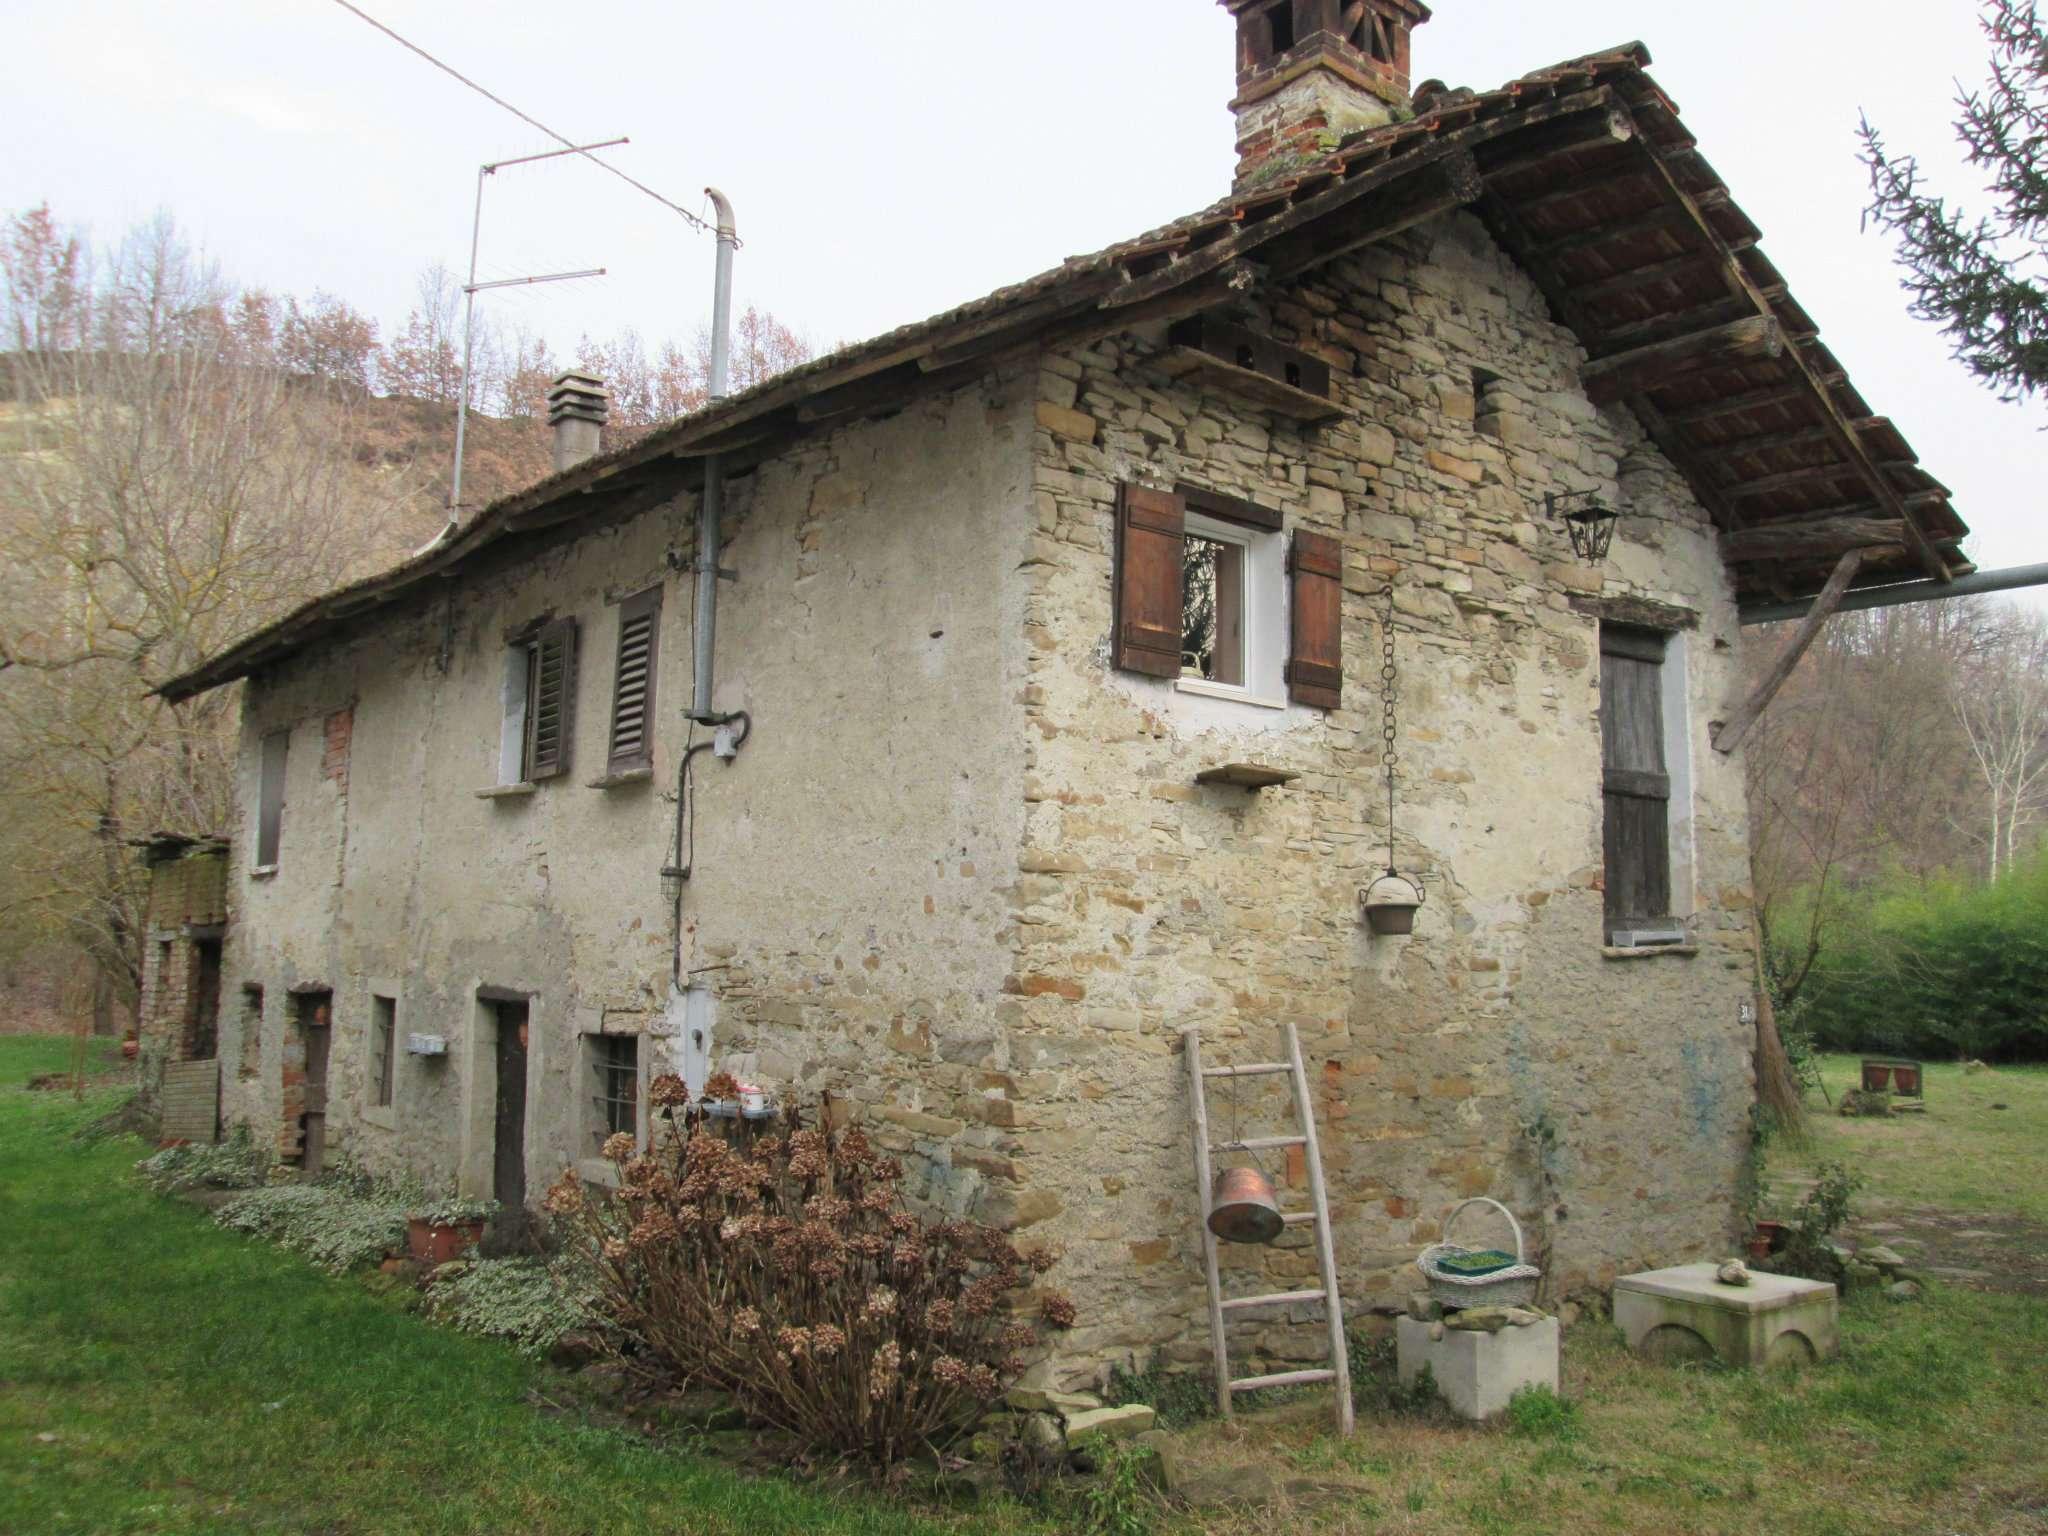 Rustico / Casale in vendita a Visone, 10 locali, prezzo € 65.000 | Cambio Casa.it